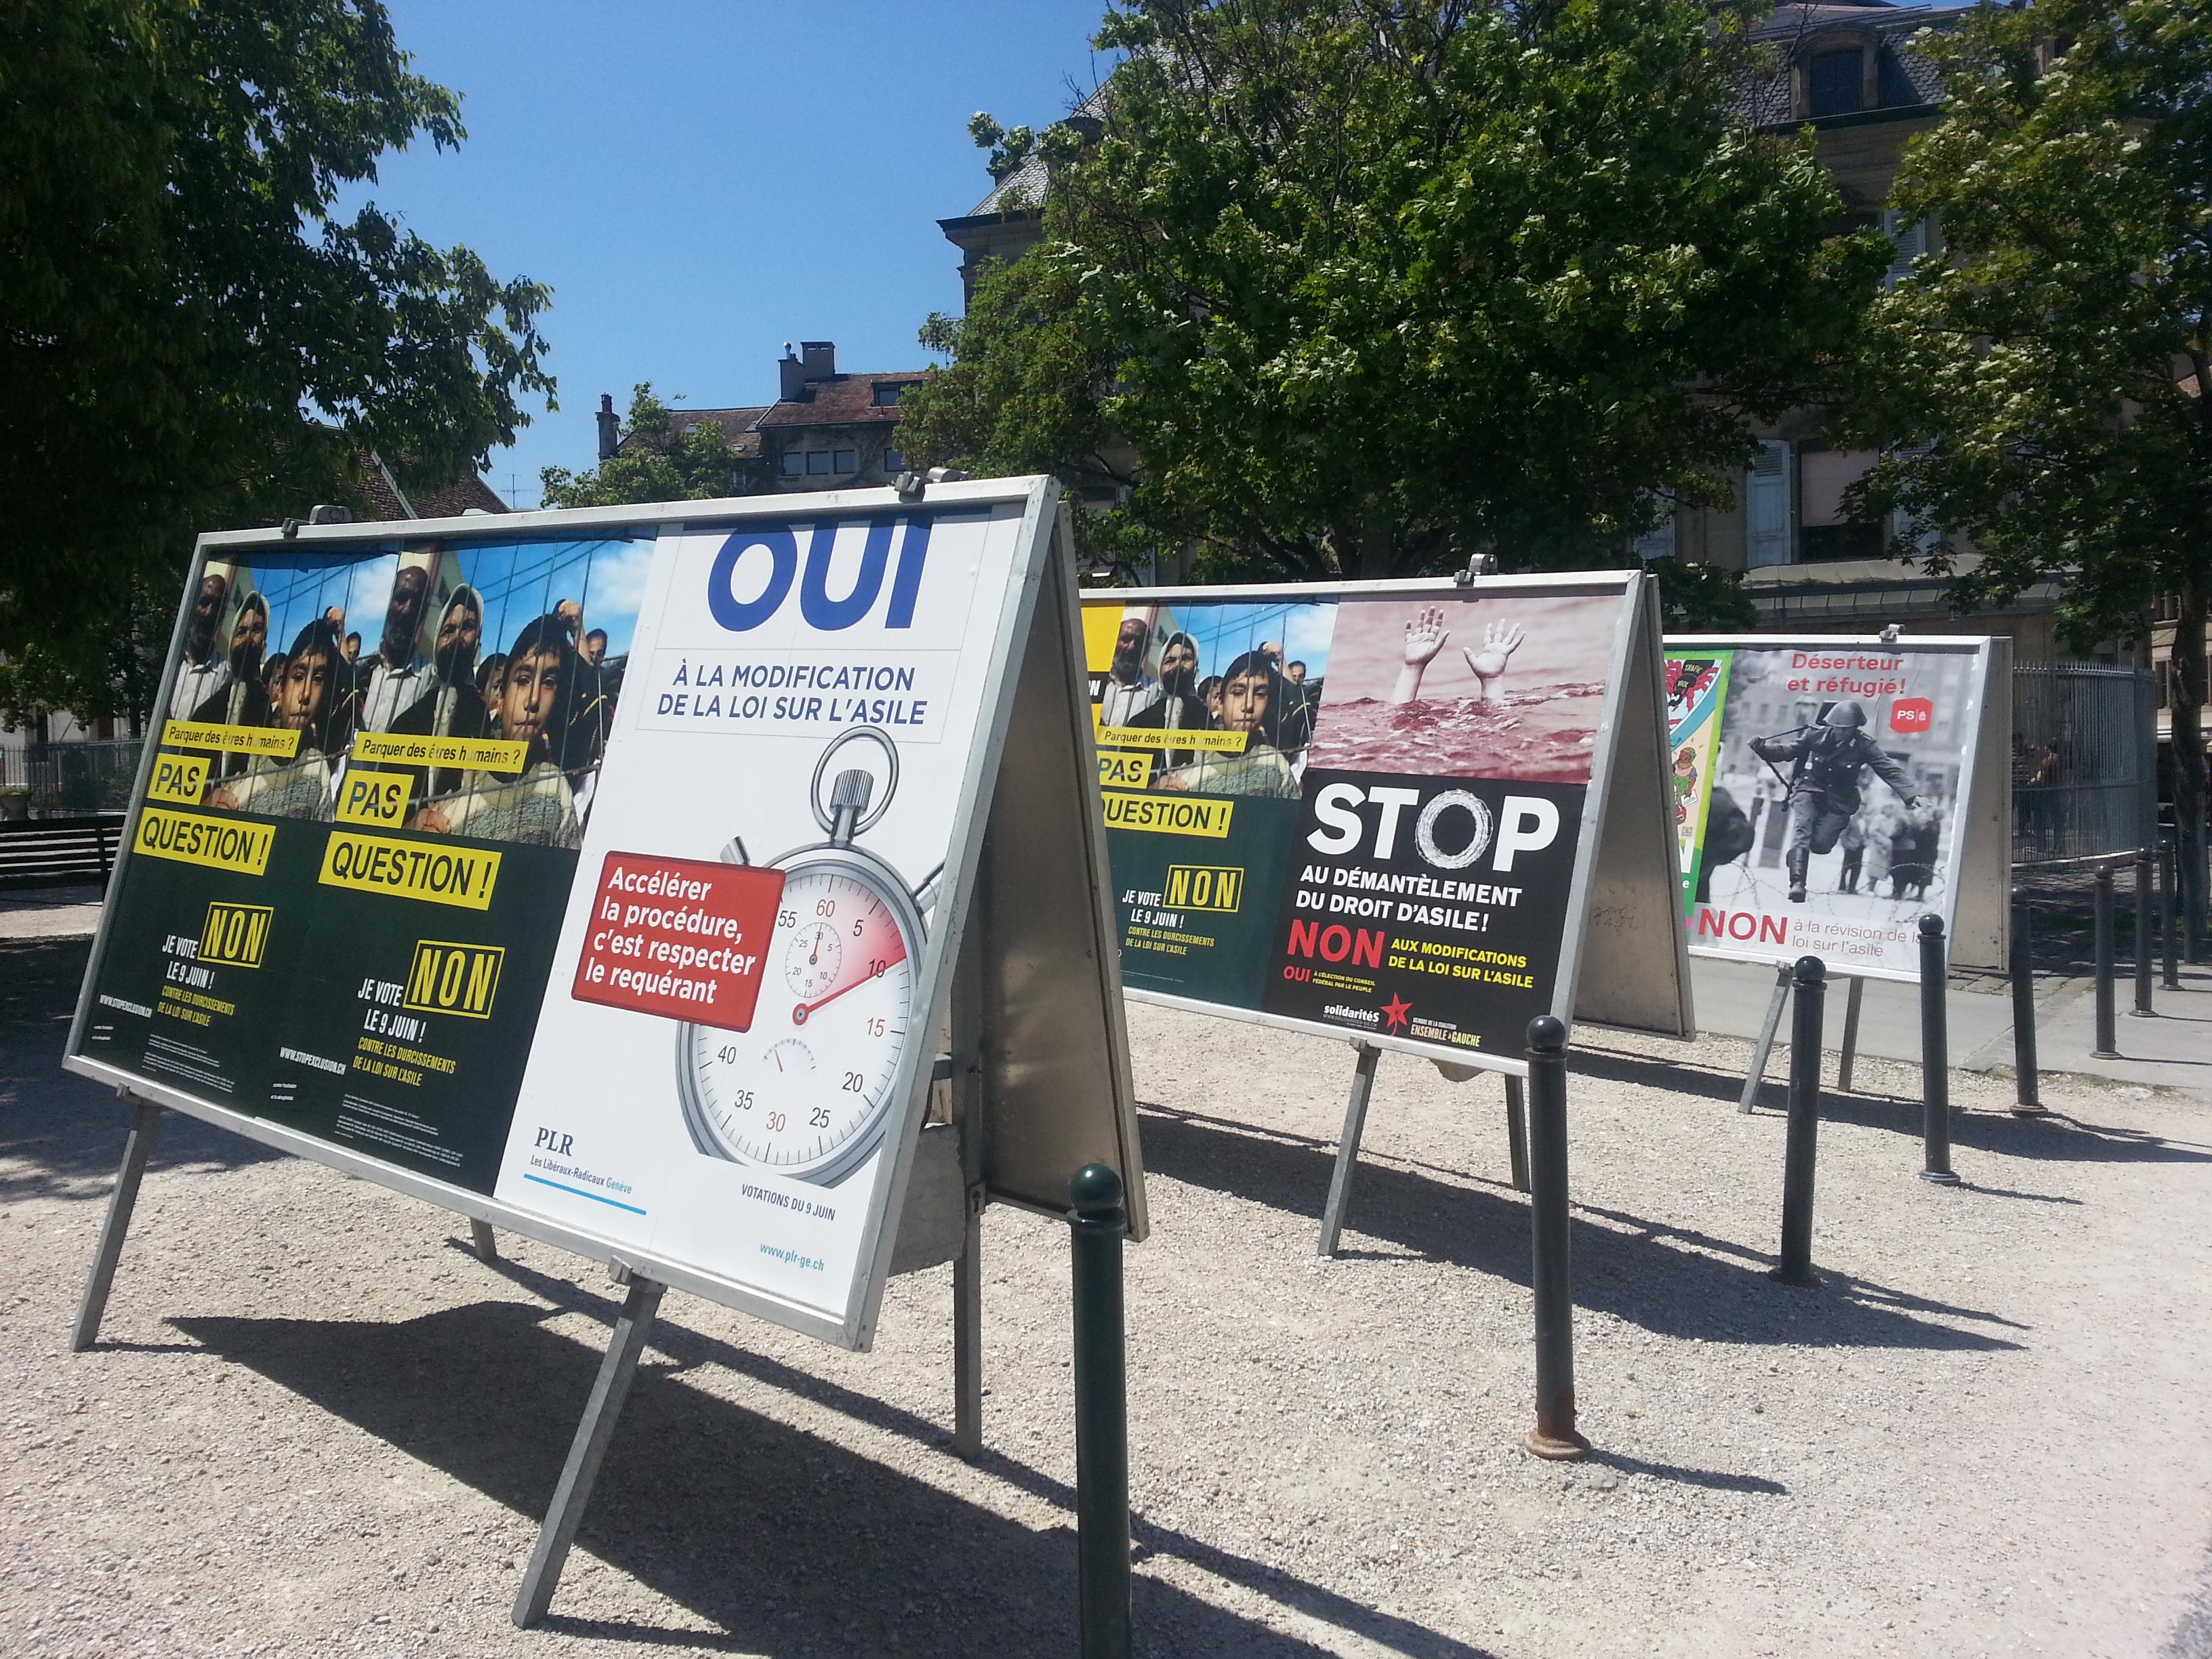 La révision de la loi sur l'asile : Inutile & inhumaine